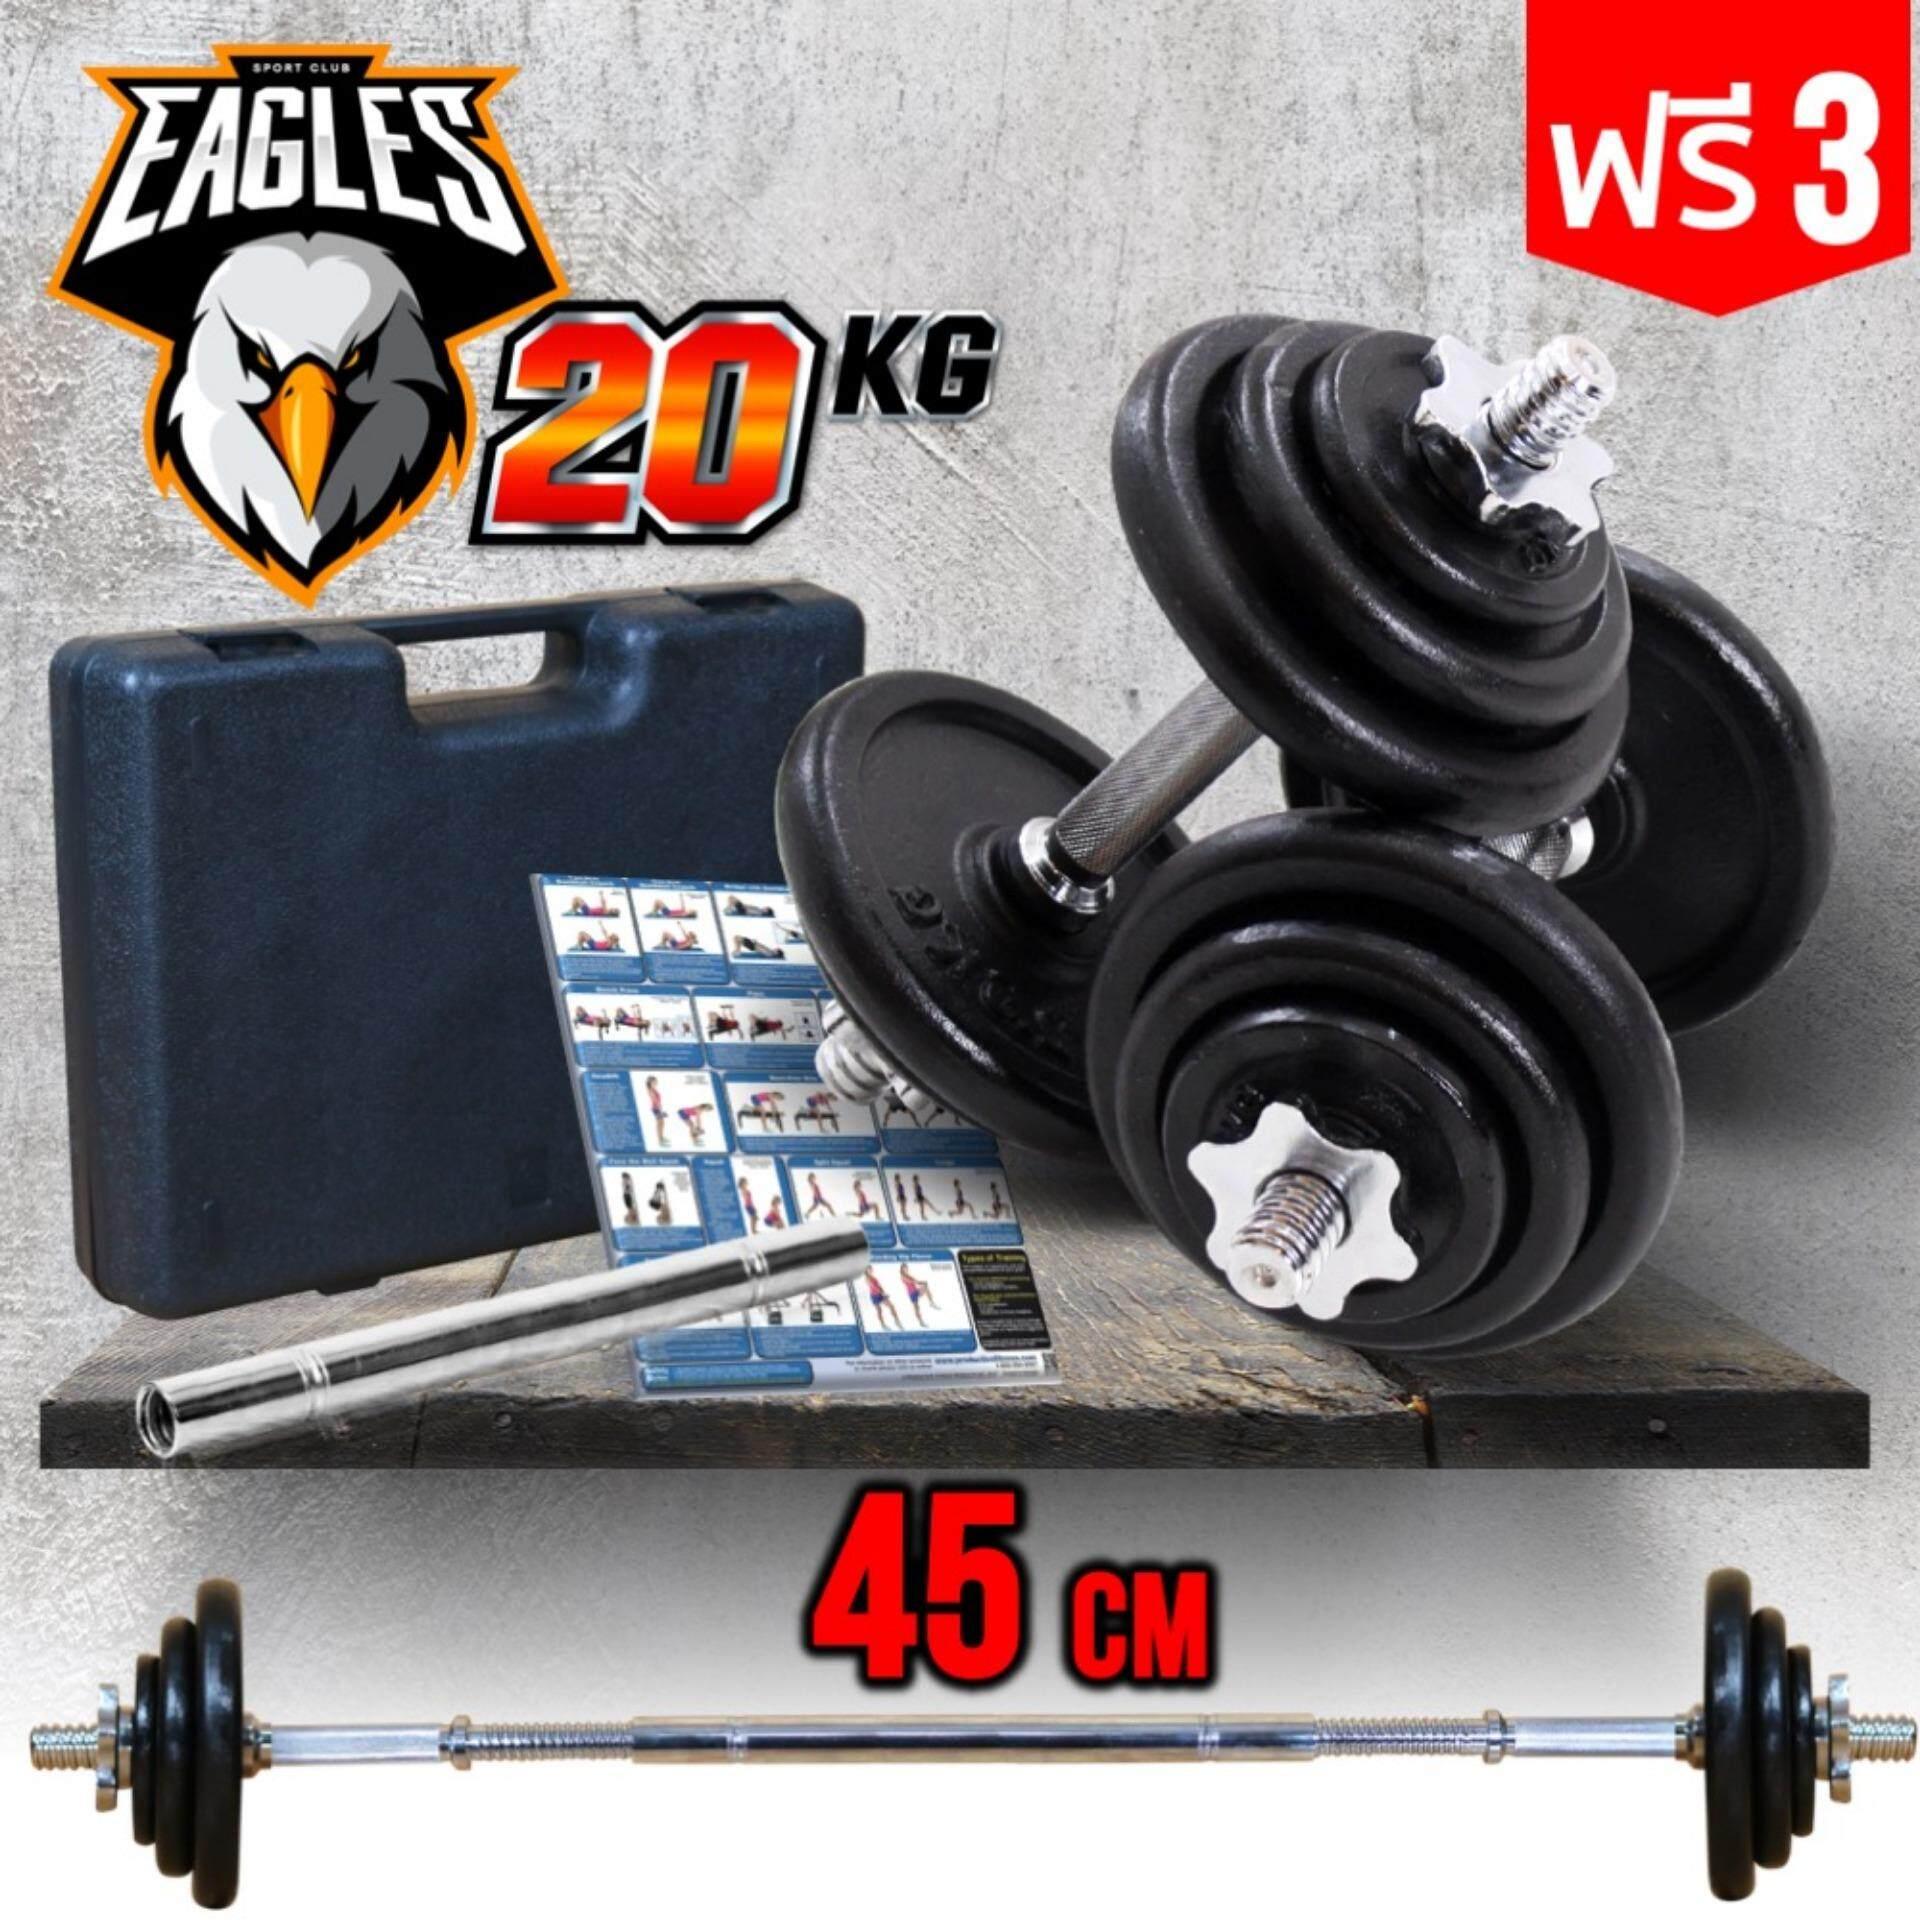 โปรโมชั่น Zoo ดัมเบล 20Kg สีดำ ปรับน้ำหนักได้ ข้อต่อดัมเบล 45Cm โปรแกรมฝึก Z1 ถูก